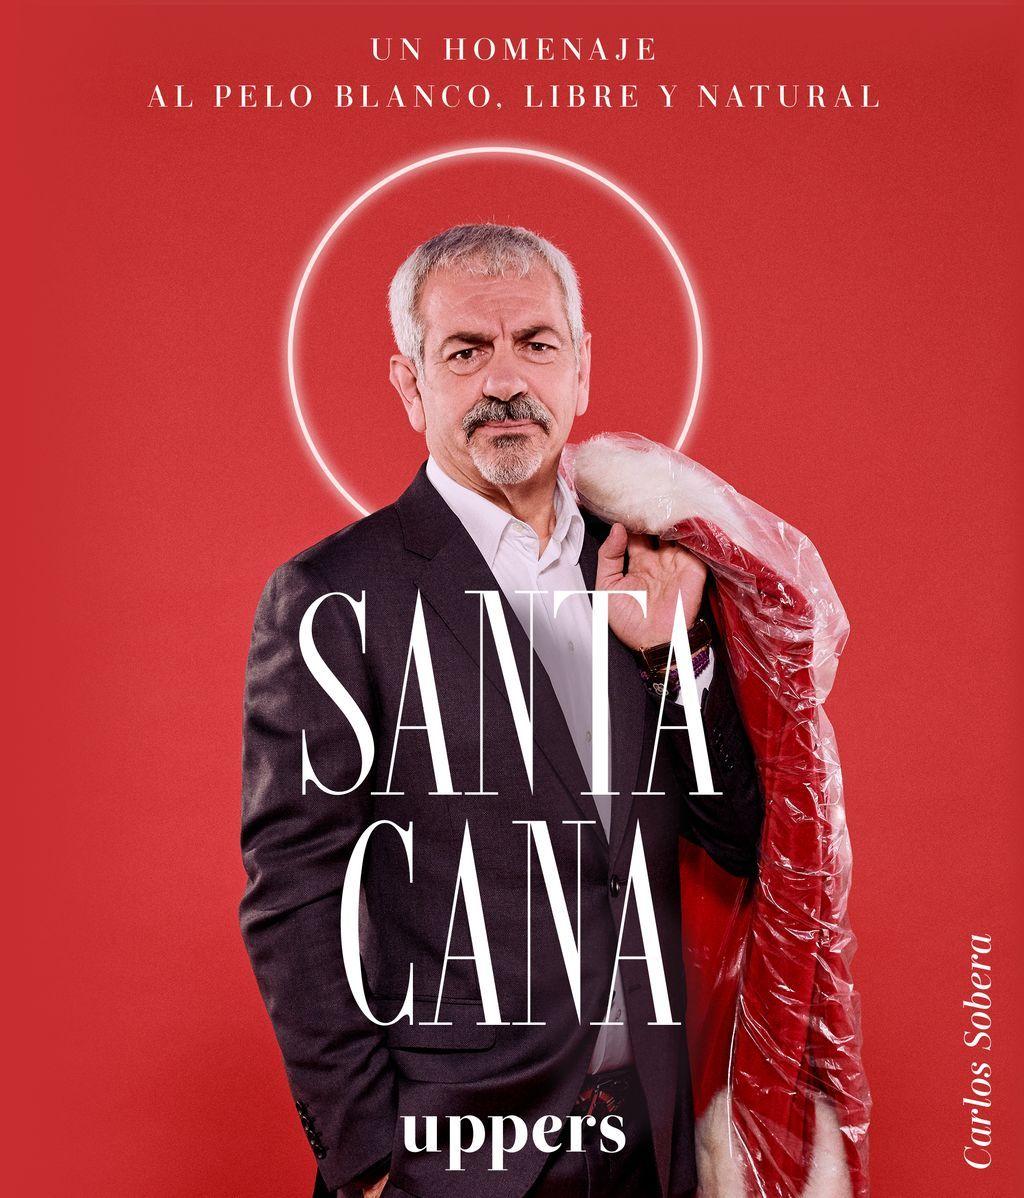 Santa_Cana_Carlos_Sobera_Rojo